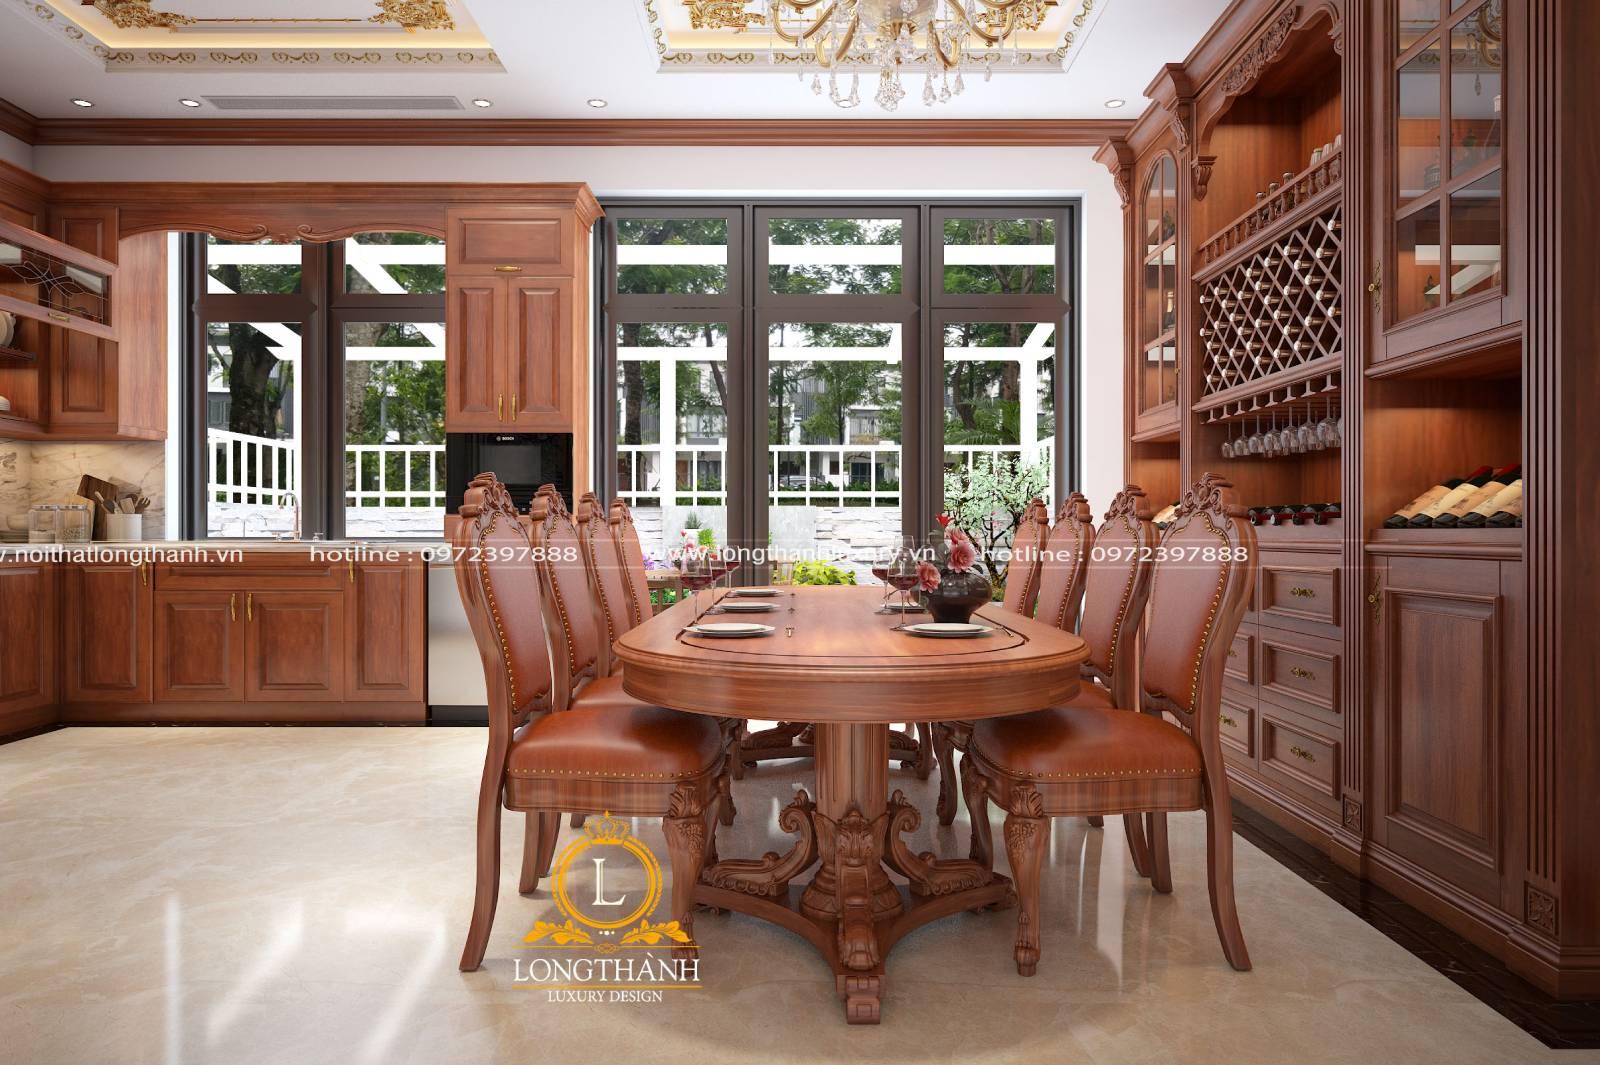 Mẫu tủ bếp gỗ Gõ tân cổ điển cho không gian ấm cúng